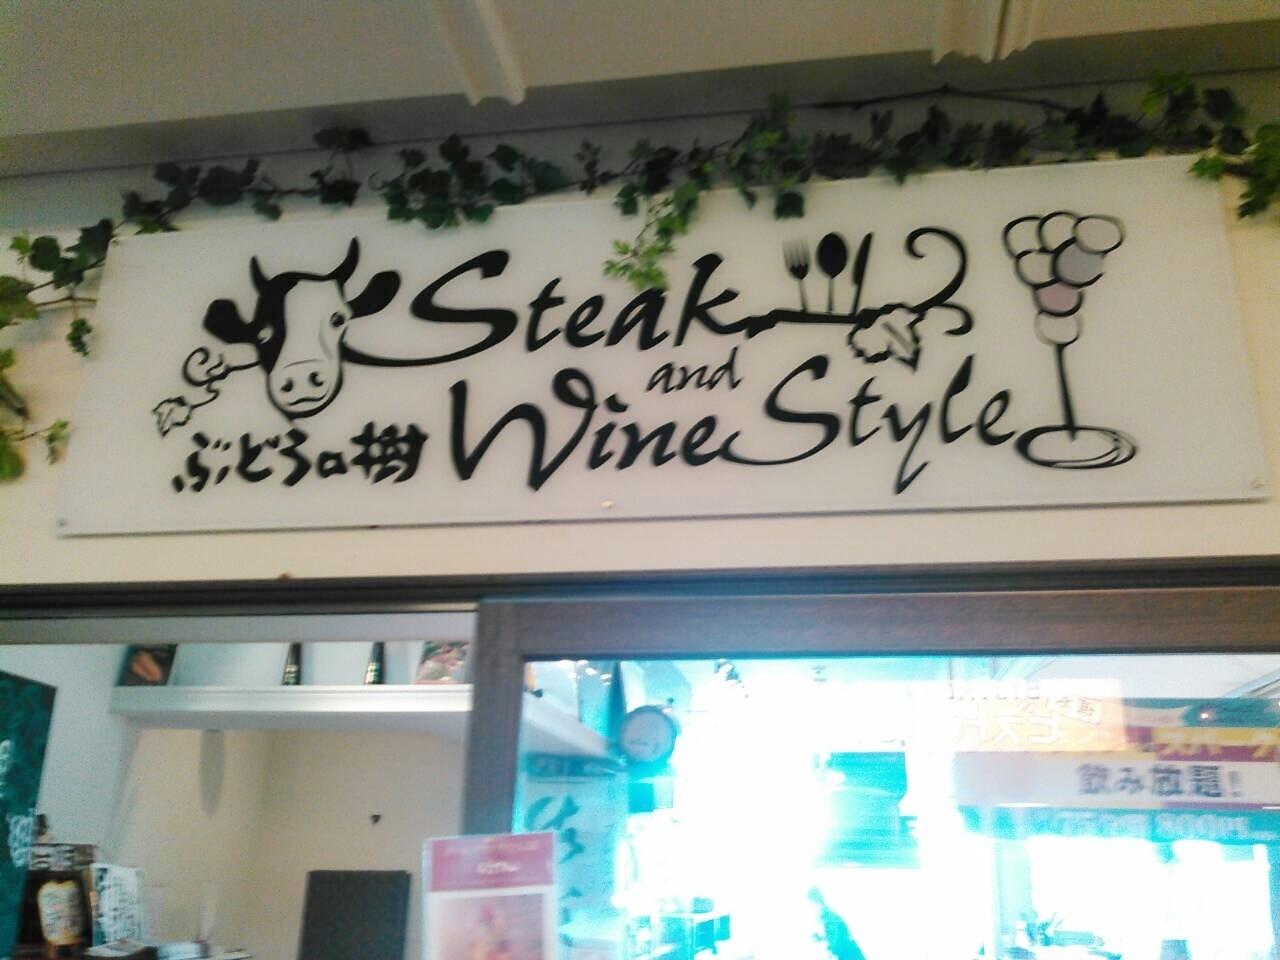 ステーキ&ワインスタイル ぶどうの樹